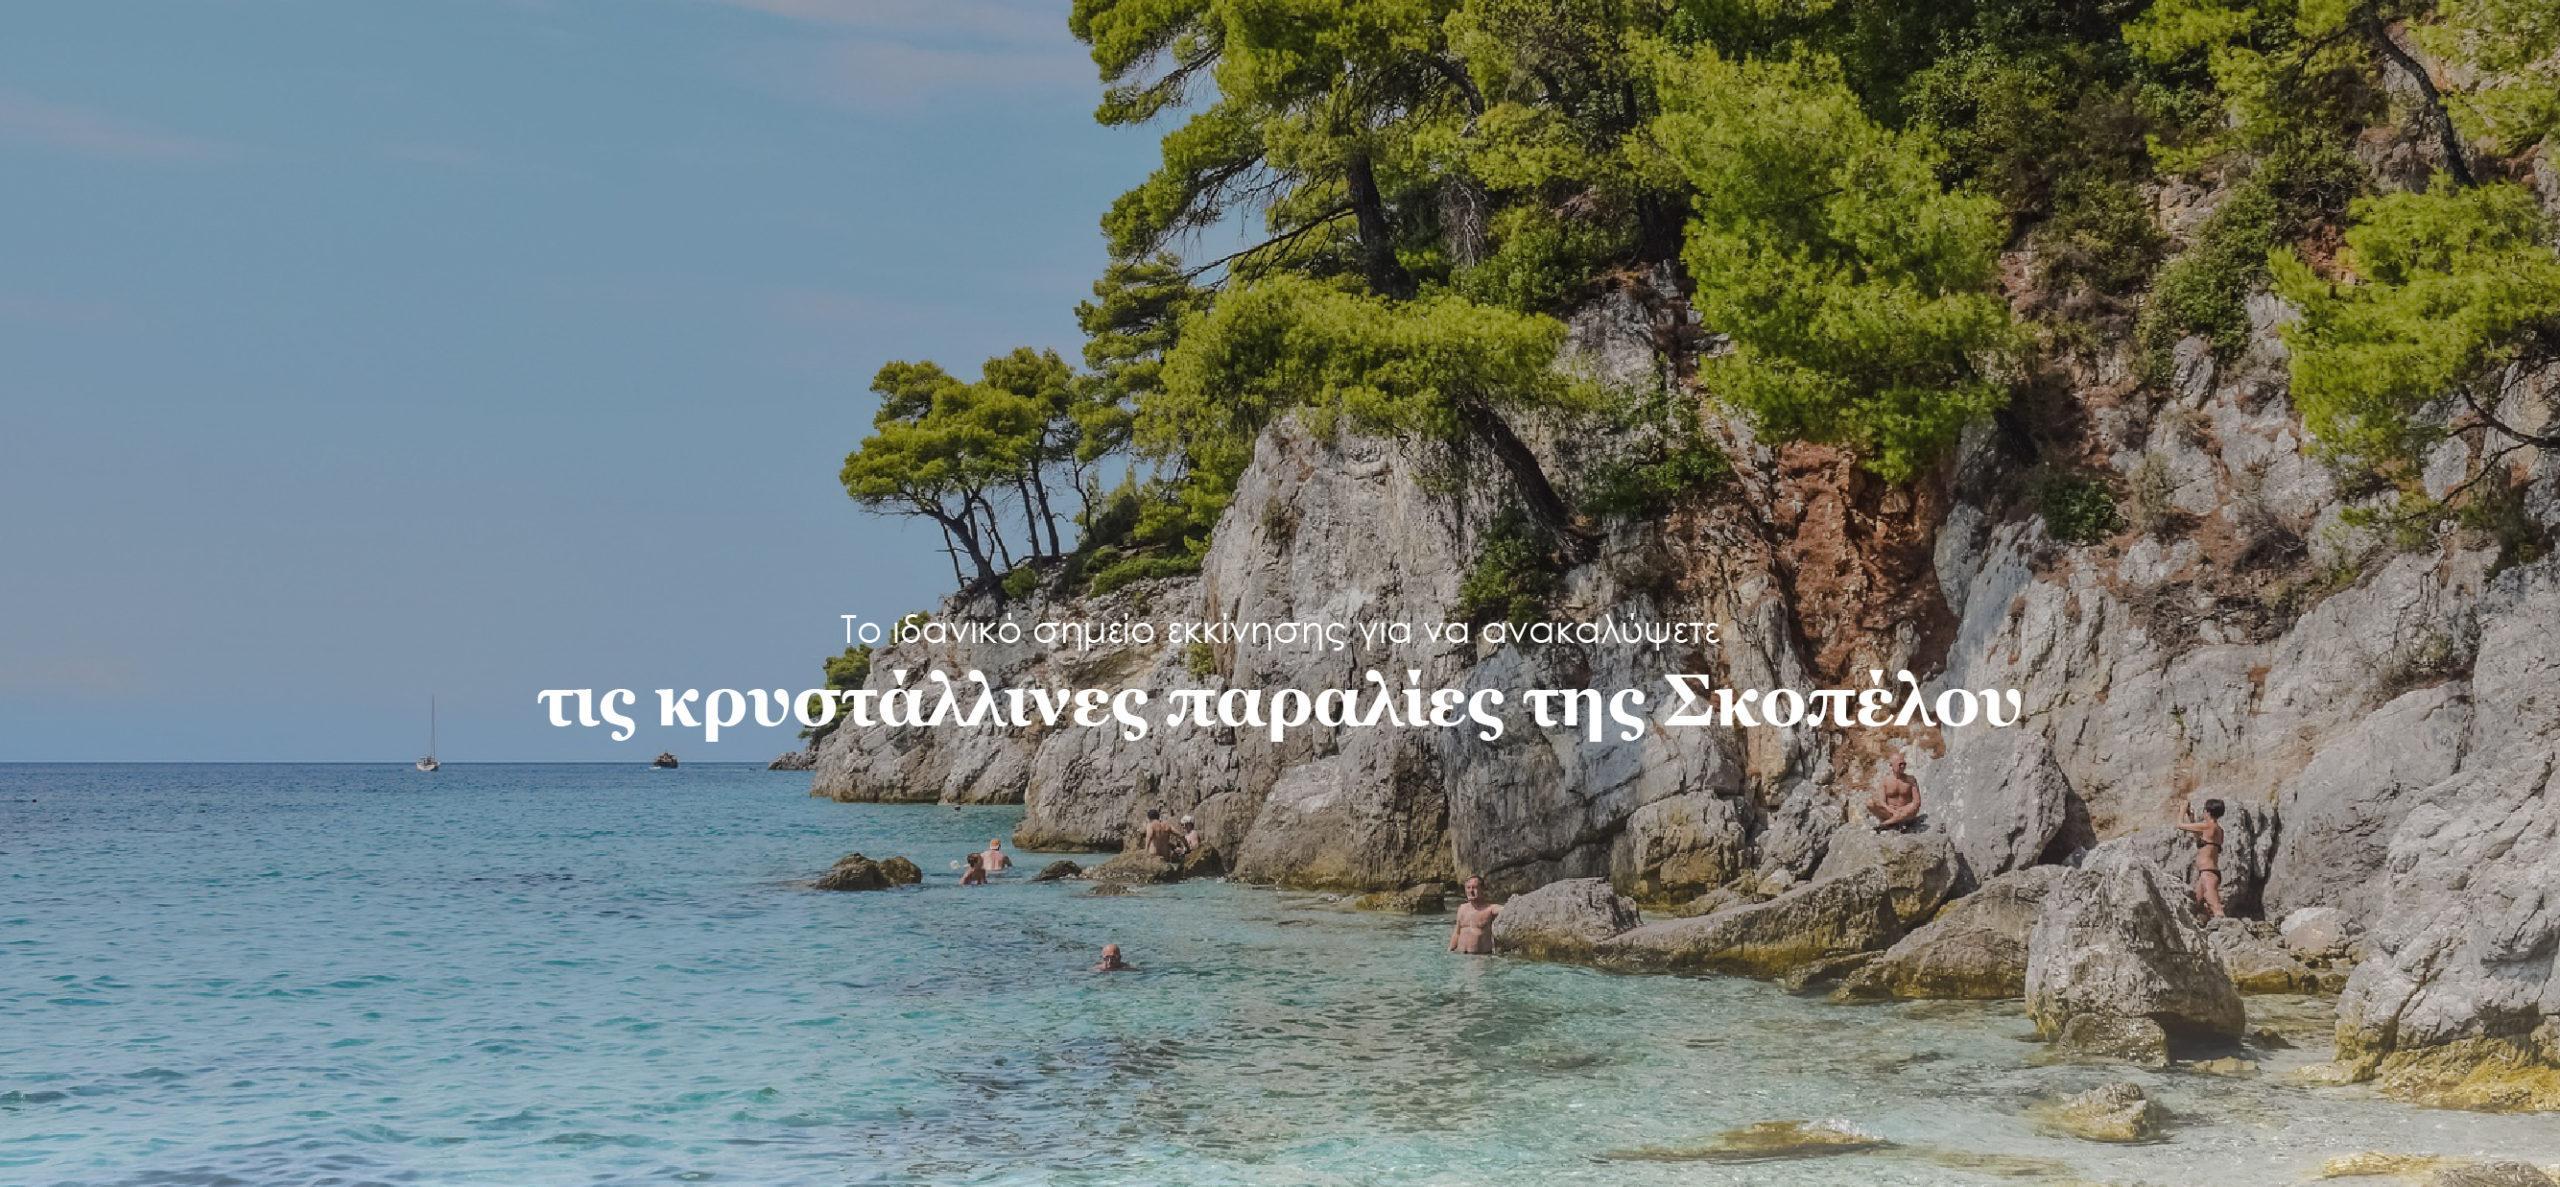 Παραλίες Σκοπέλου, Ξενοδοχείο Στη Χώρα Σκοπέλου